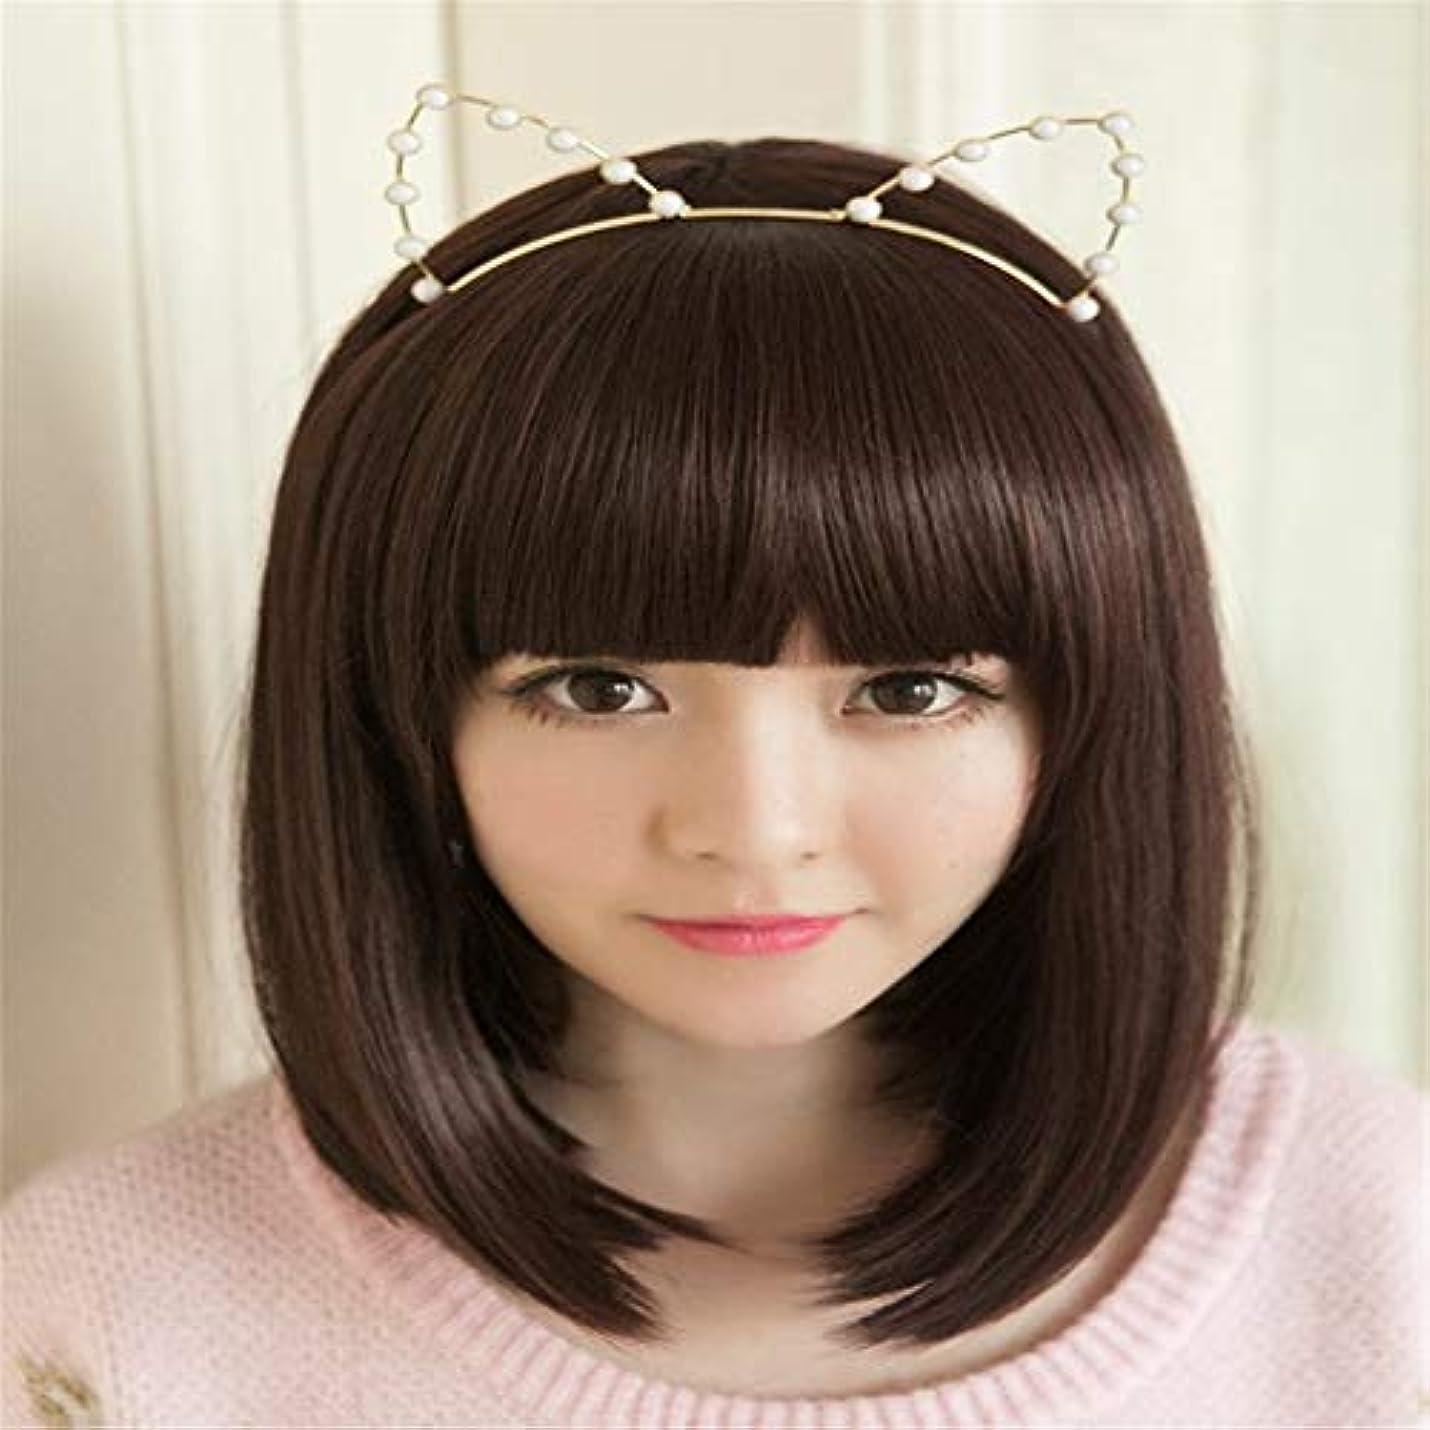 専ら翻訳スマートウィッグの女性の短い髪ボボヘッド短い髪チーLiuhai化学繊維ウィッグセット,2